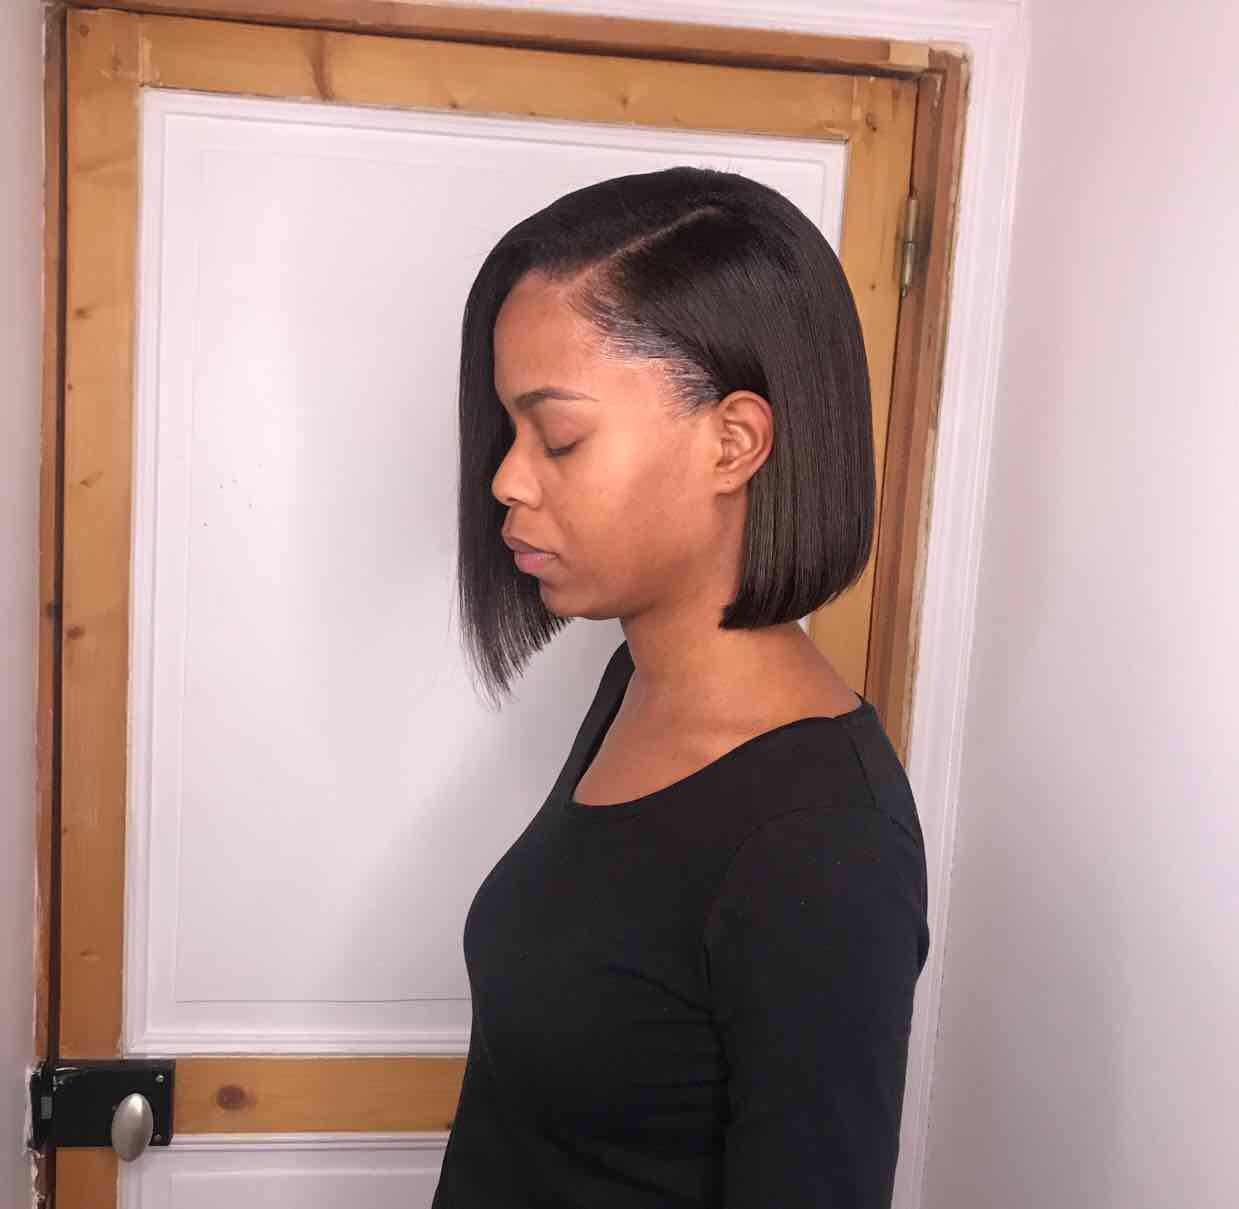 salon de coiffure afro tresse tresses box braids crochet braids vanilles tissages paris 75 77 78 91 92 93 94 95 URJYDBWL